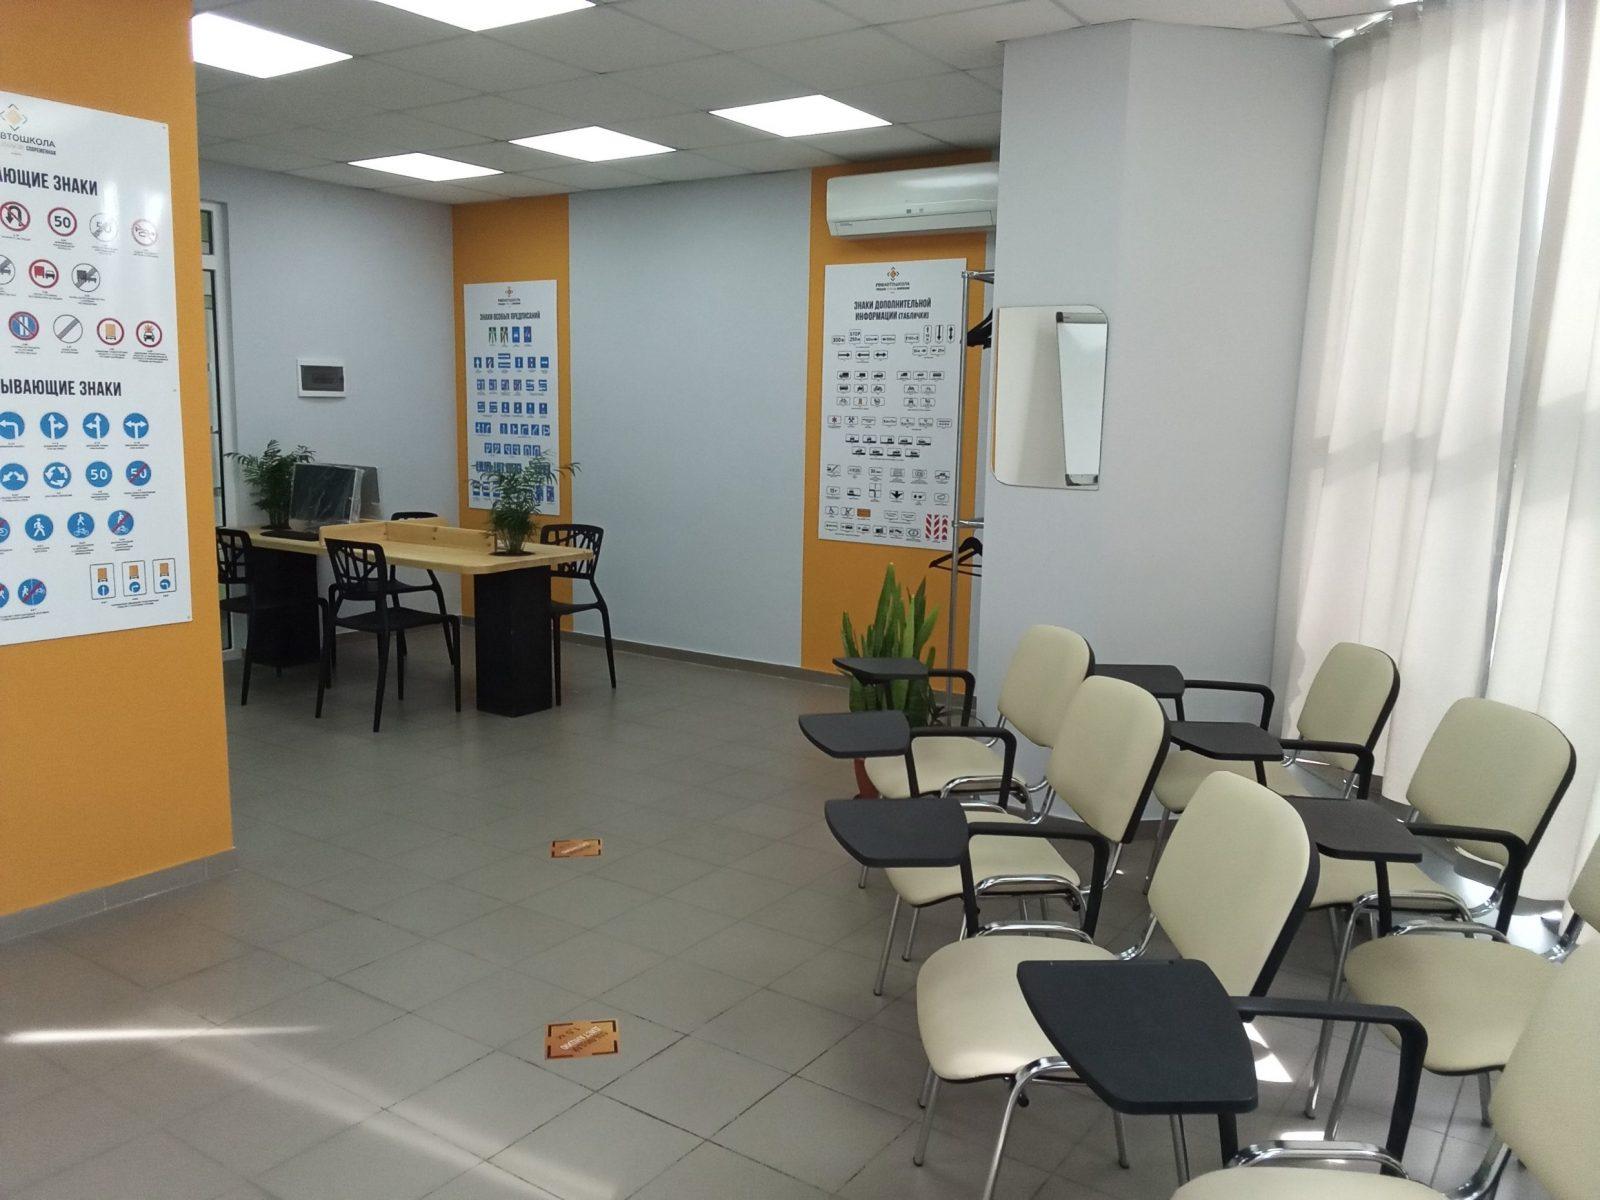 Филиал ГОСавтошколы на Кржижановского